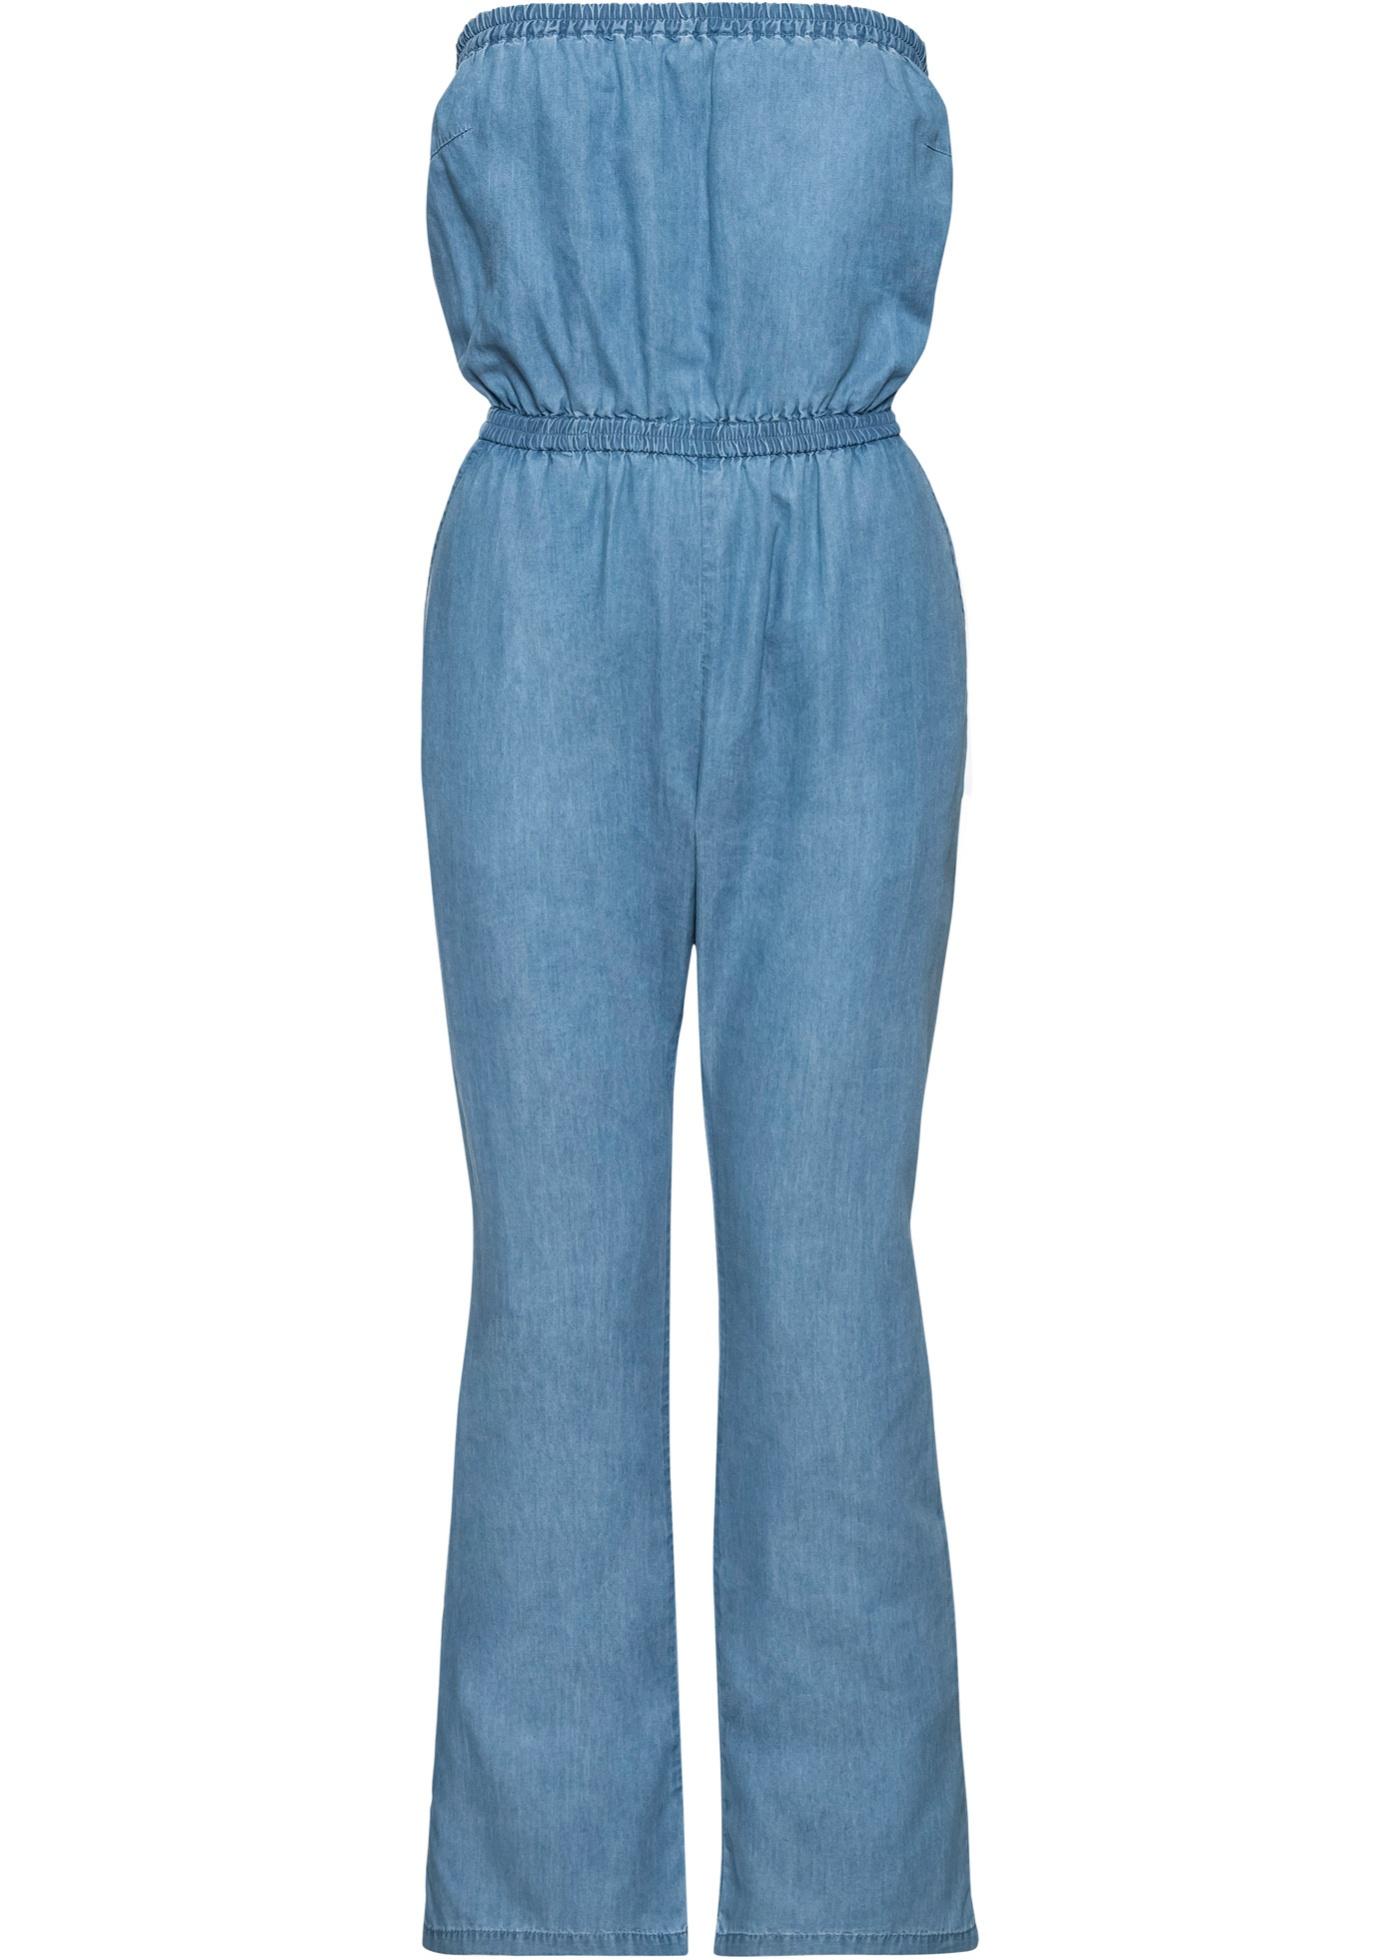 Jeans-Jumpsuit Bandeau ohne Ärmel  in blau für Damen von bonprix